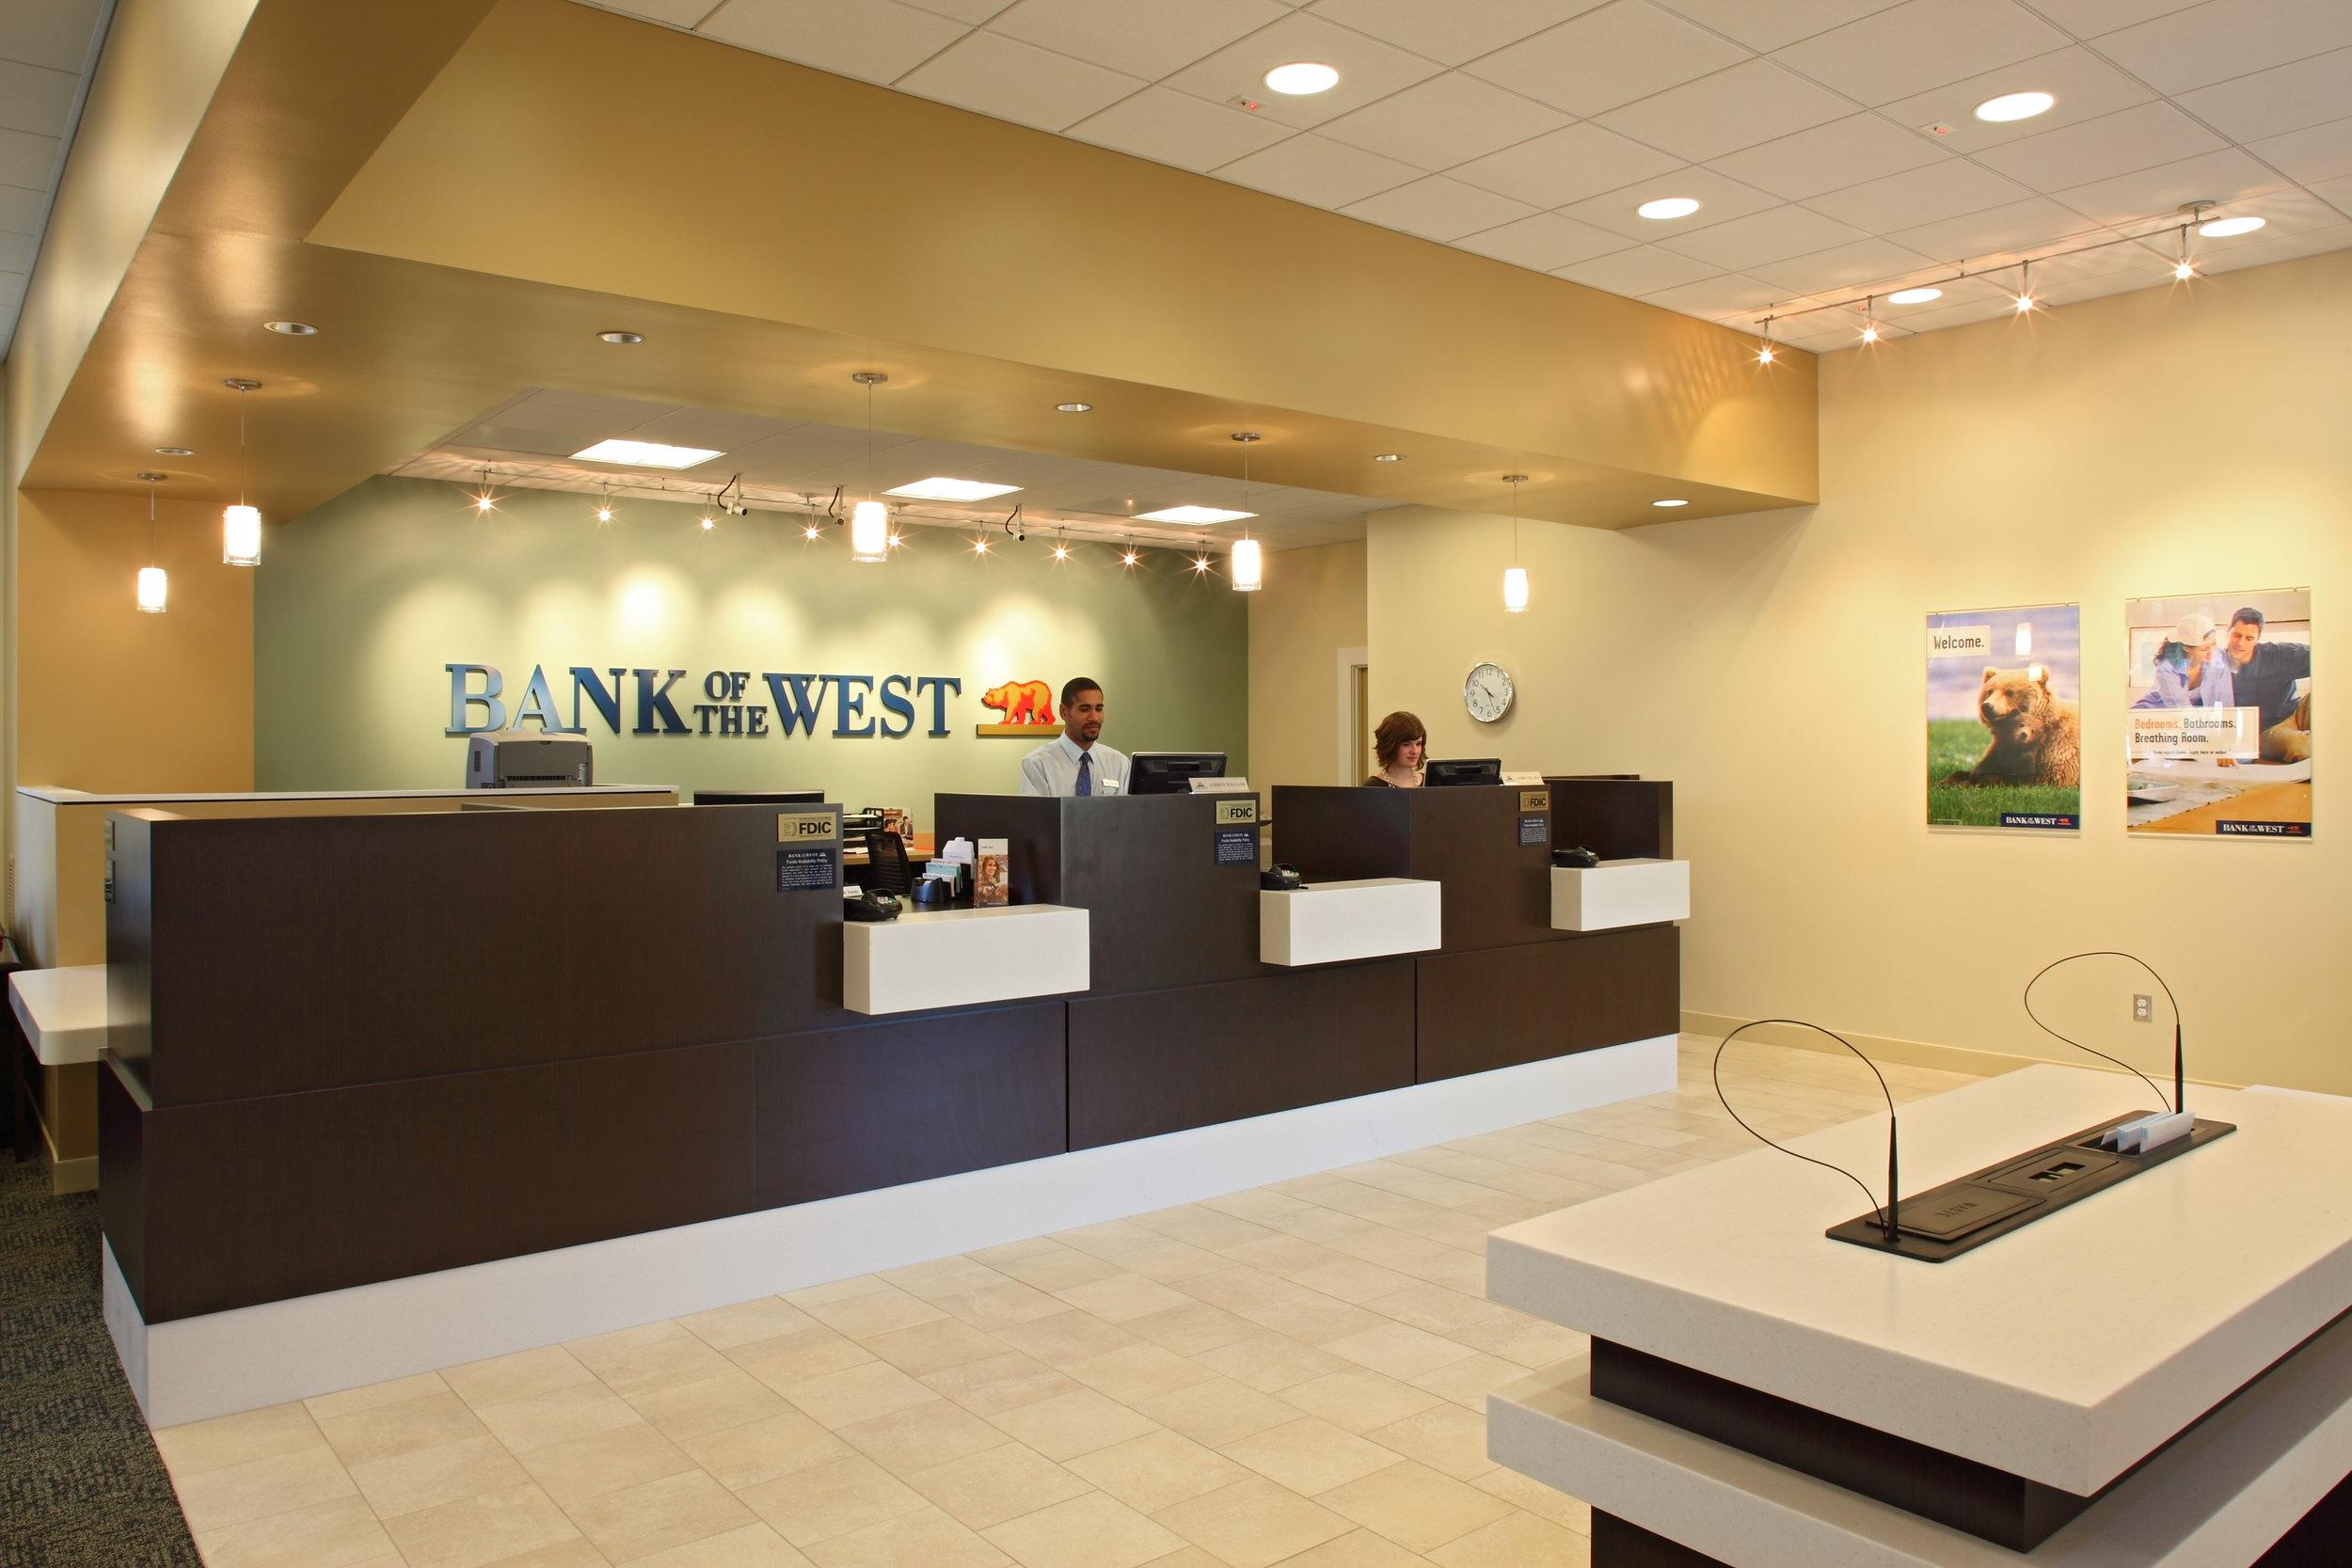 Bank West_Image_1_In.jpg